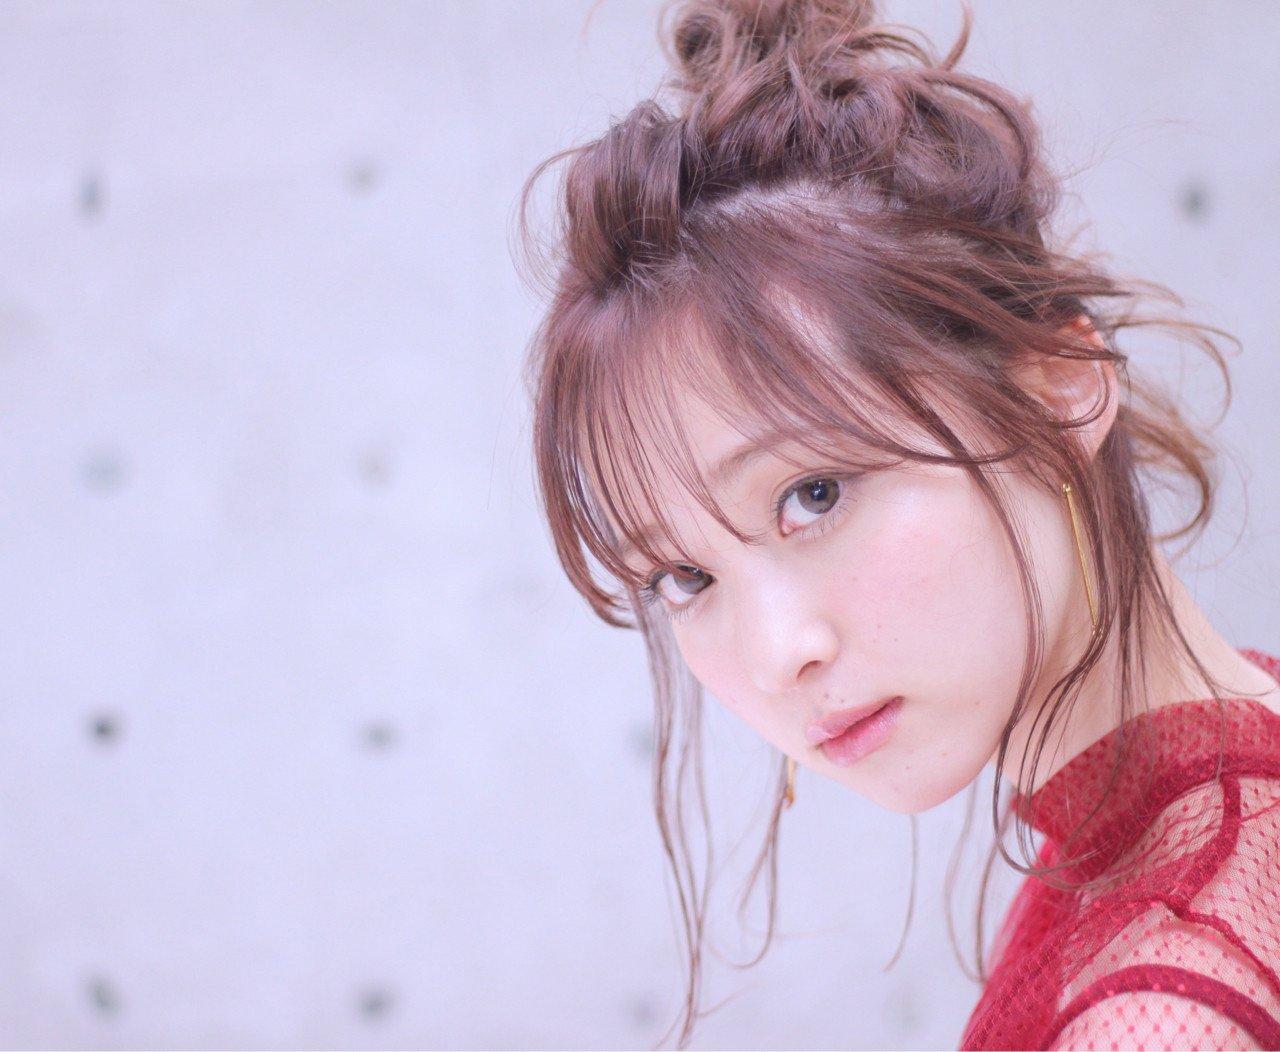 img 5a75aa9e105e4.png?resize=300,169 - 韓国のトレンド「オルチャンヘア」ってどんな髪型?なんで「オルチャン」って言うの?